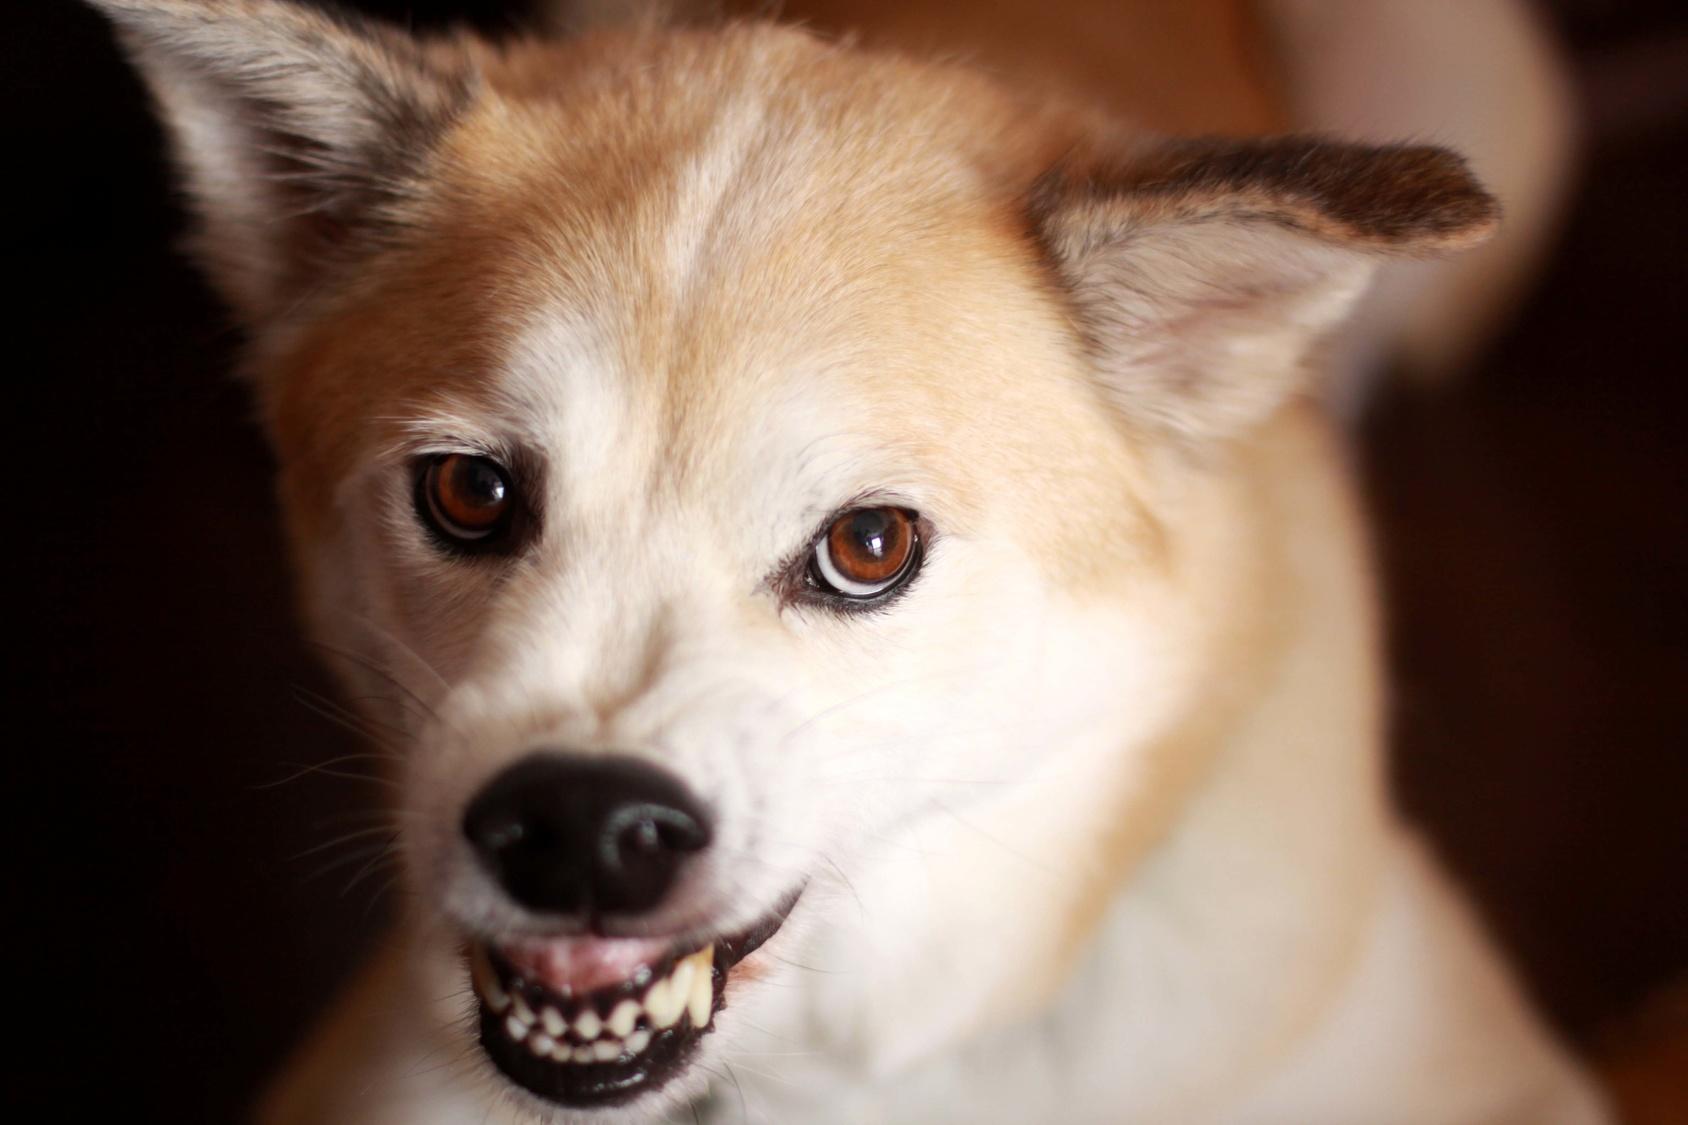 犬にも認知症はあるの?